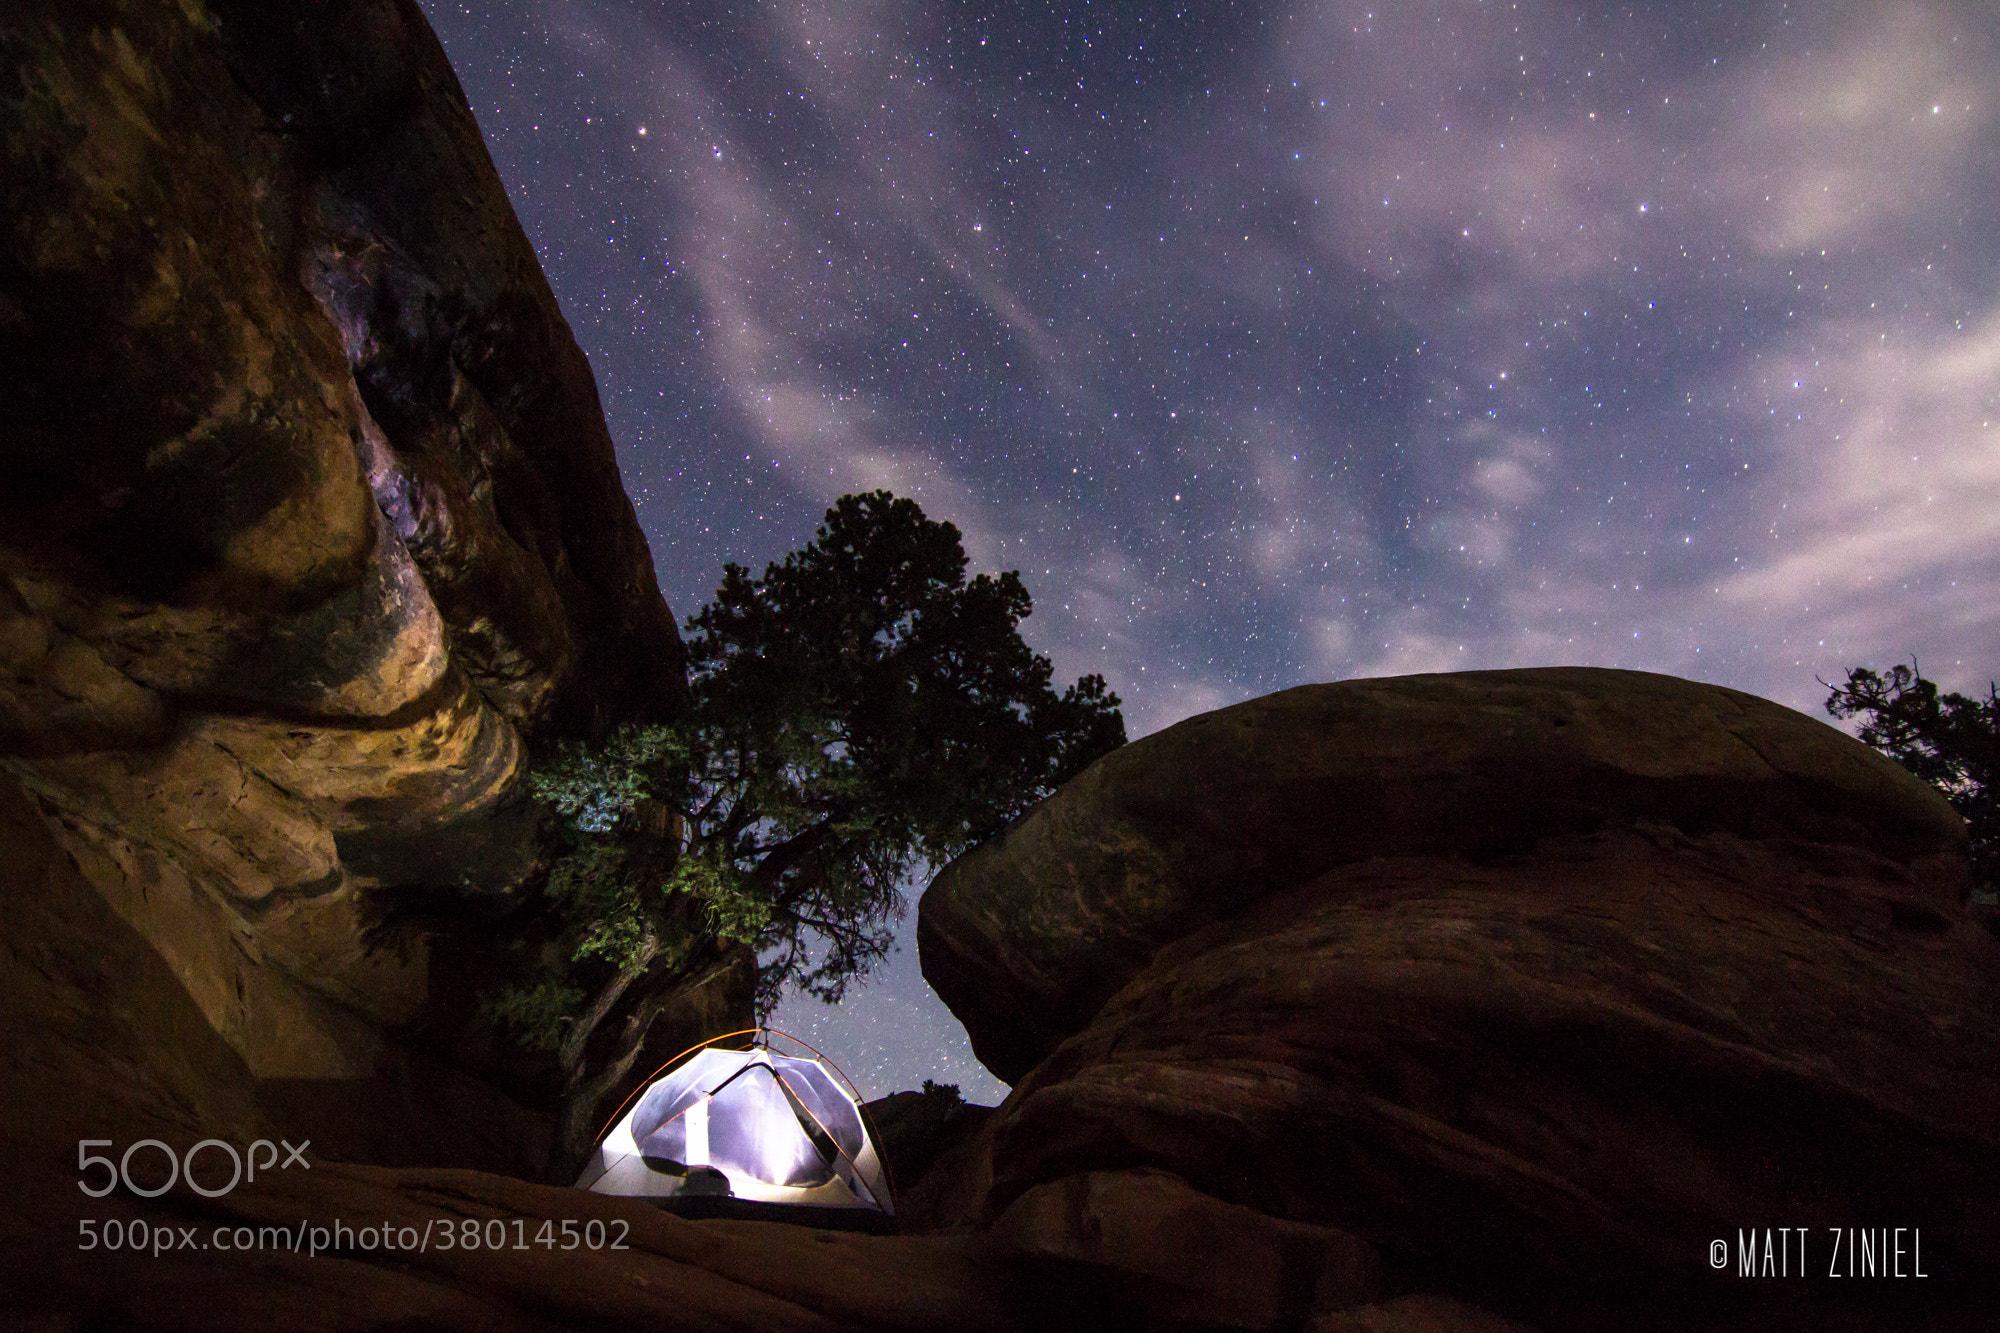 Photograph The Spot by Matt Ziniel on 500px